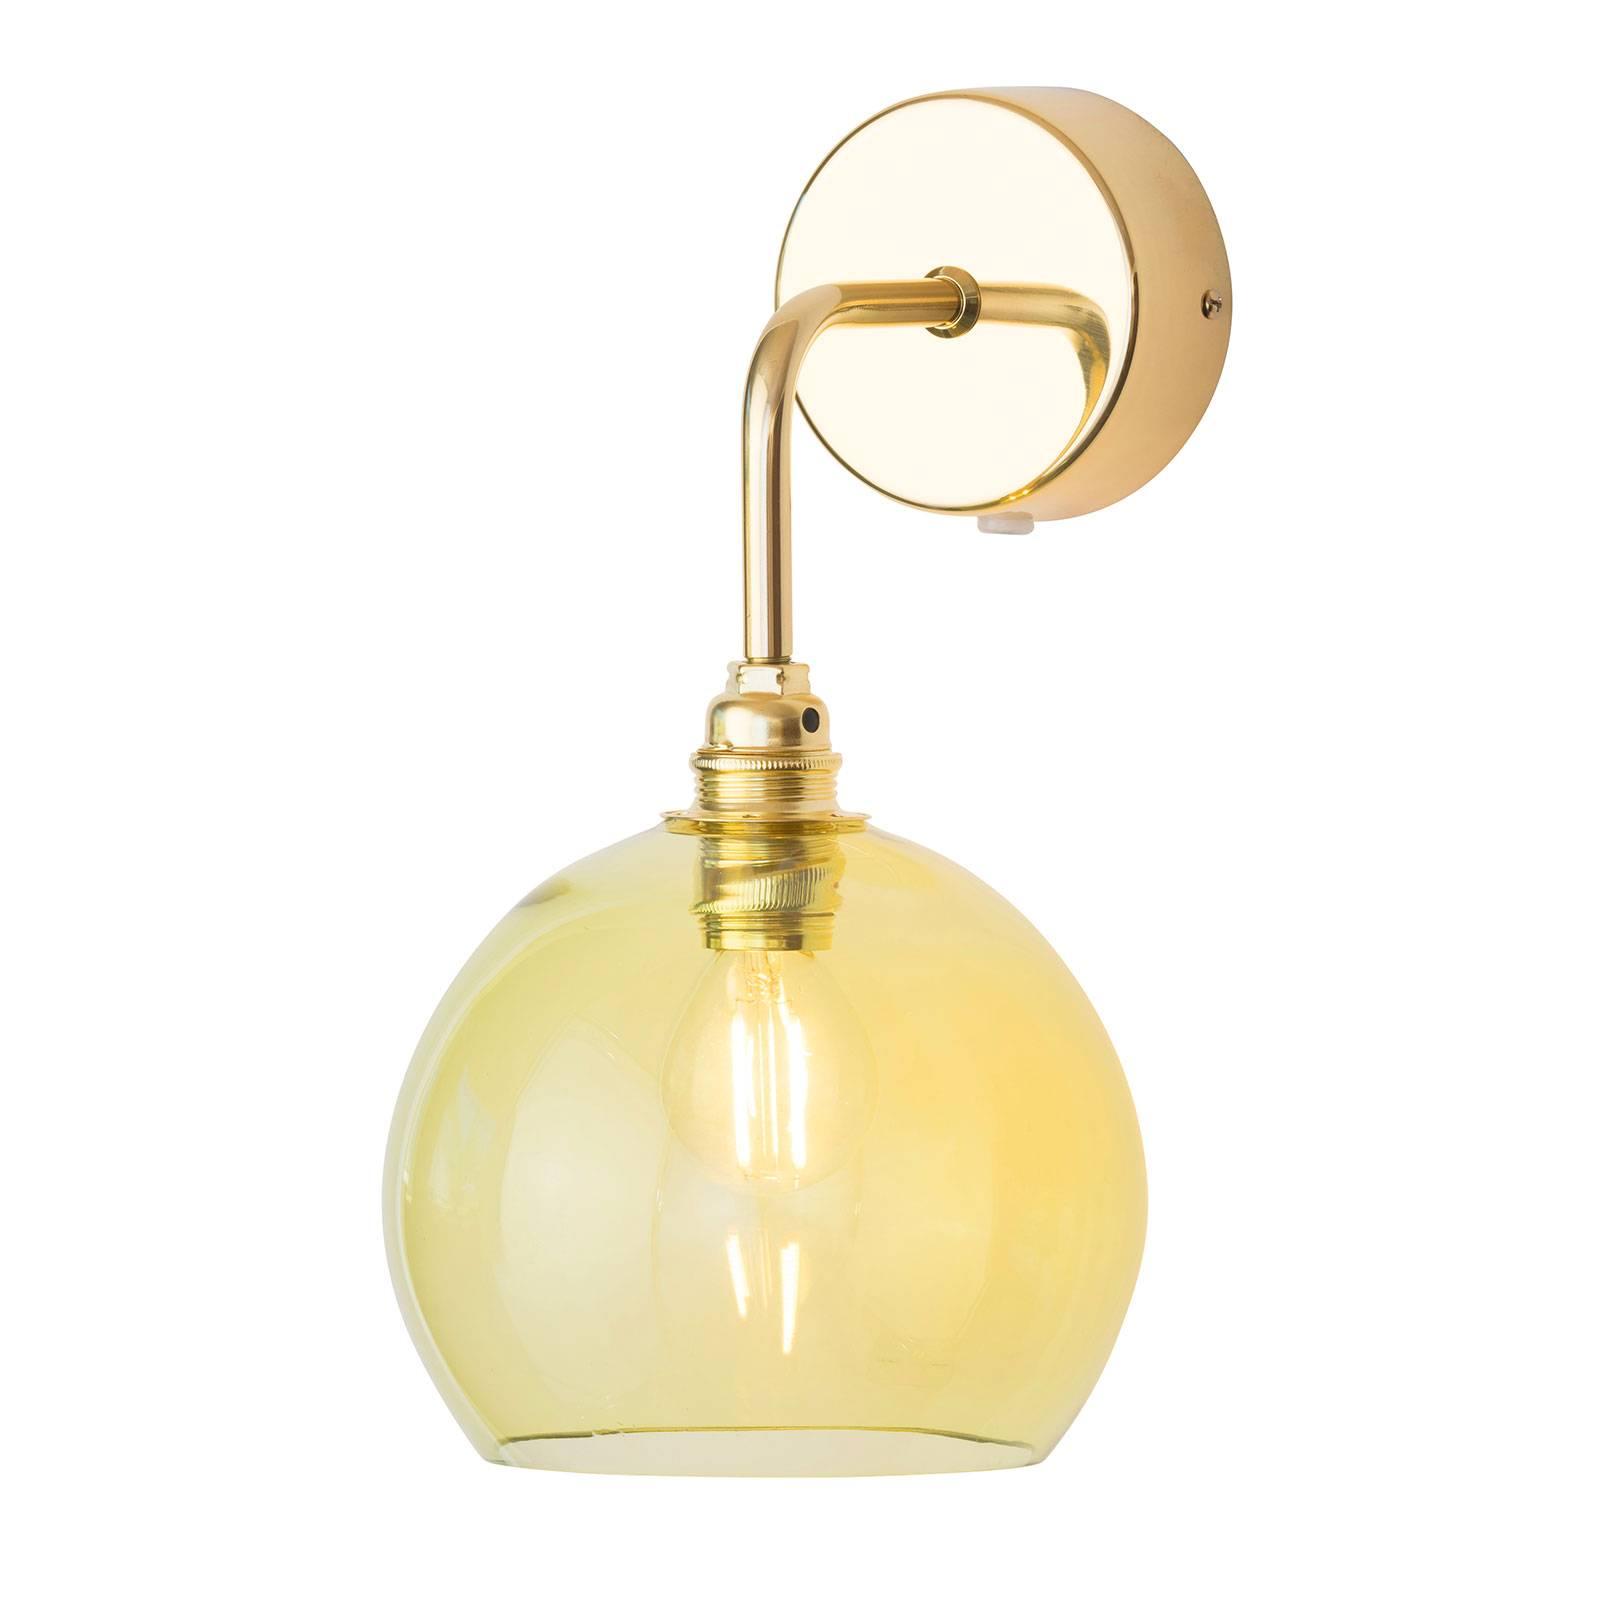 EBB & FLOW Rowan wandlamp goud kap olijfgroen